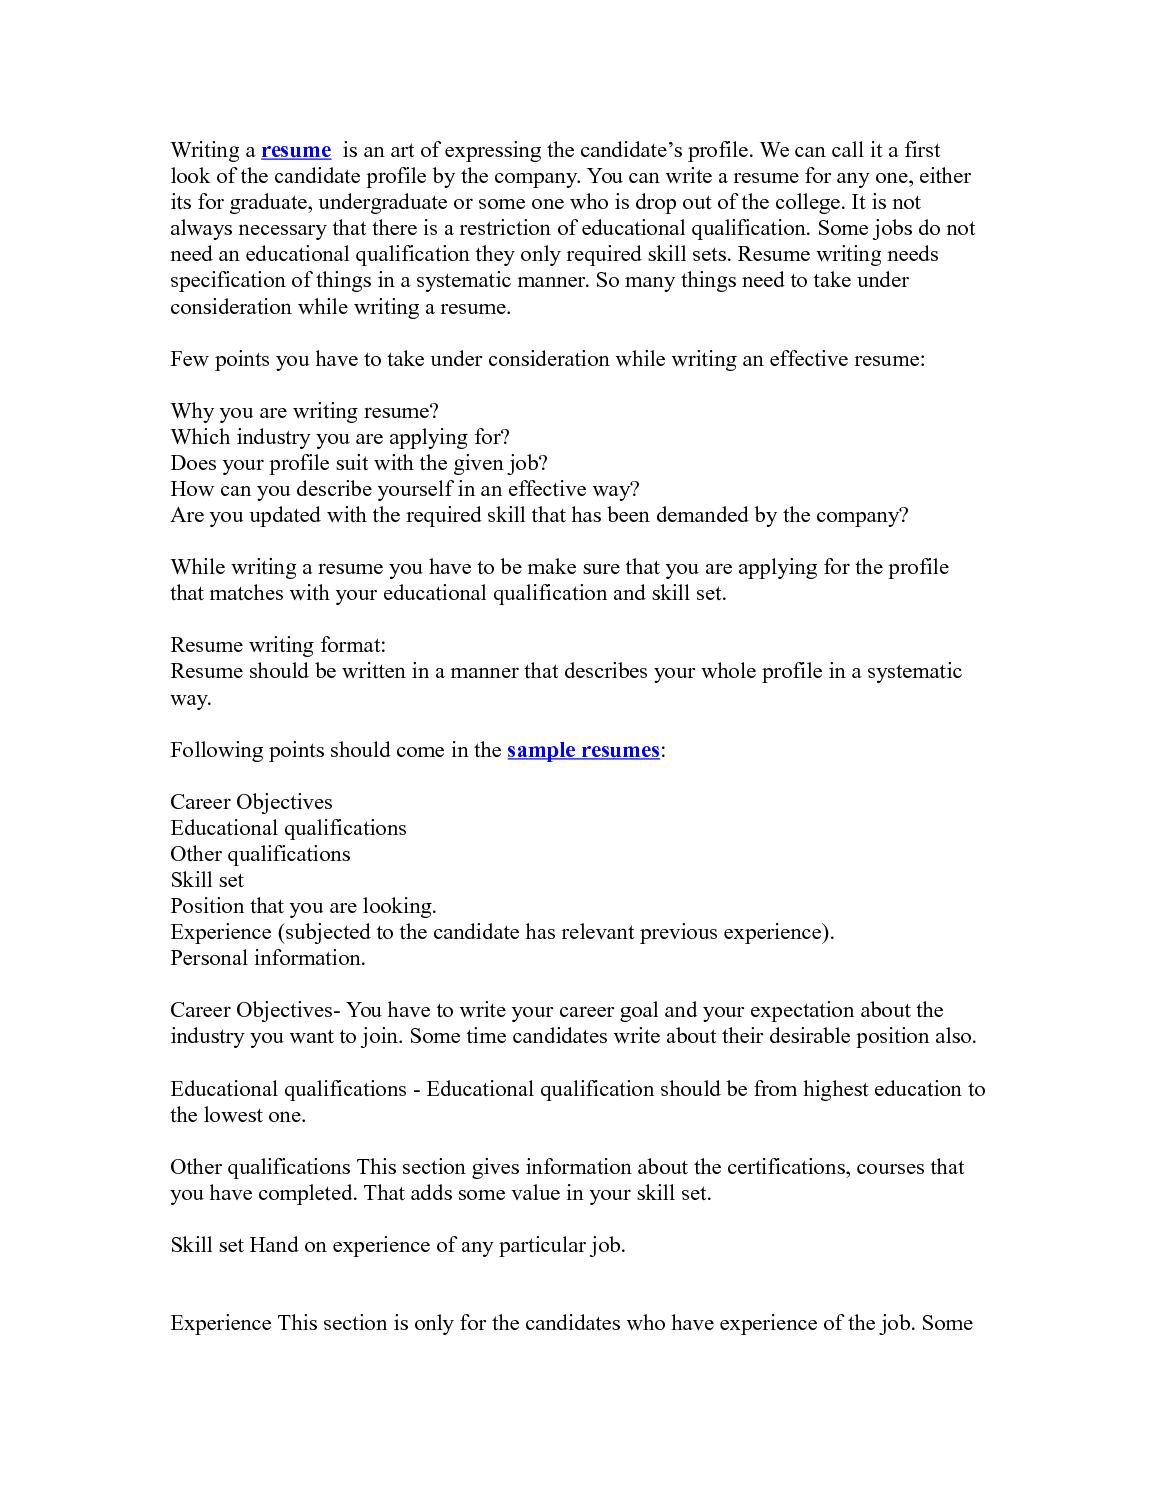 Calaméo - Resume writing tips